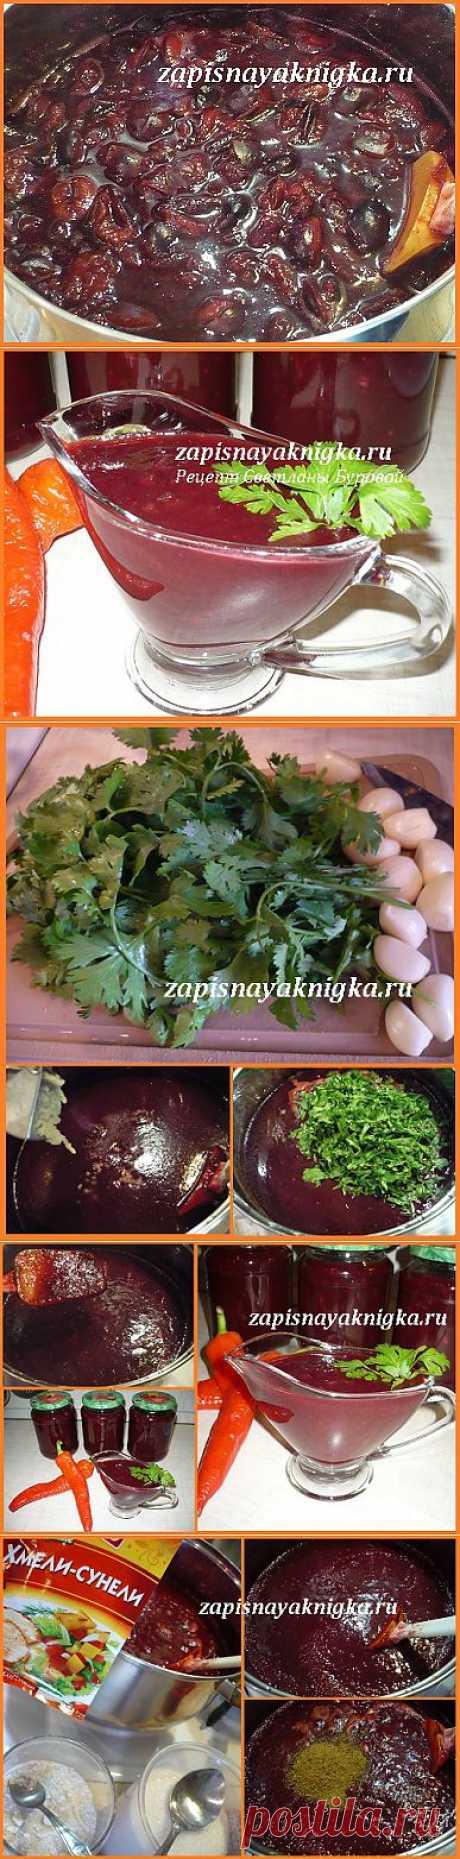 Знаменитый сливовый соус Ткемали прекрасно сочетается с мясом, птицей и рыбой. Компоненты блюд в сочетании с ним раскрывают свой вкус, к тому же лучше перевариваются. Грузинские хозяйки традиционно готовят Ткемали из алычи или тернослива (гибрида сливы и терна), наши – за неимением алычи в приготовлении используют синие, красные или желтые сливы. Да что там говорить, варят на основе рецепта Ткемали похожий соус из смородины (красной) или крыжовника. Особенностью классического Ткемали является ис